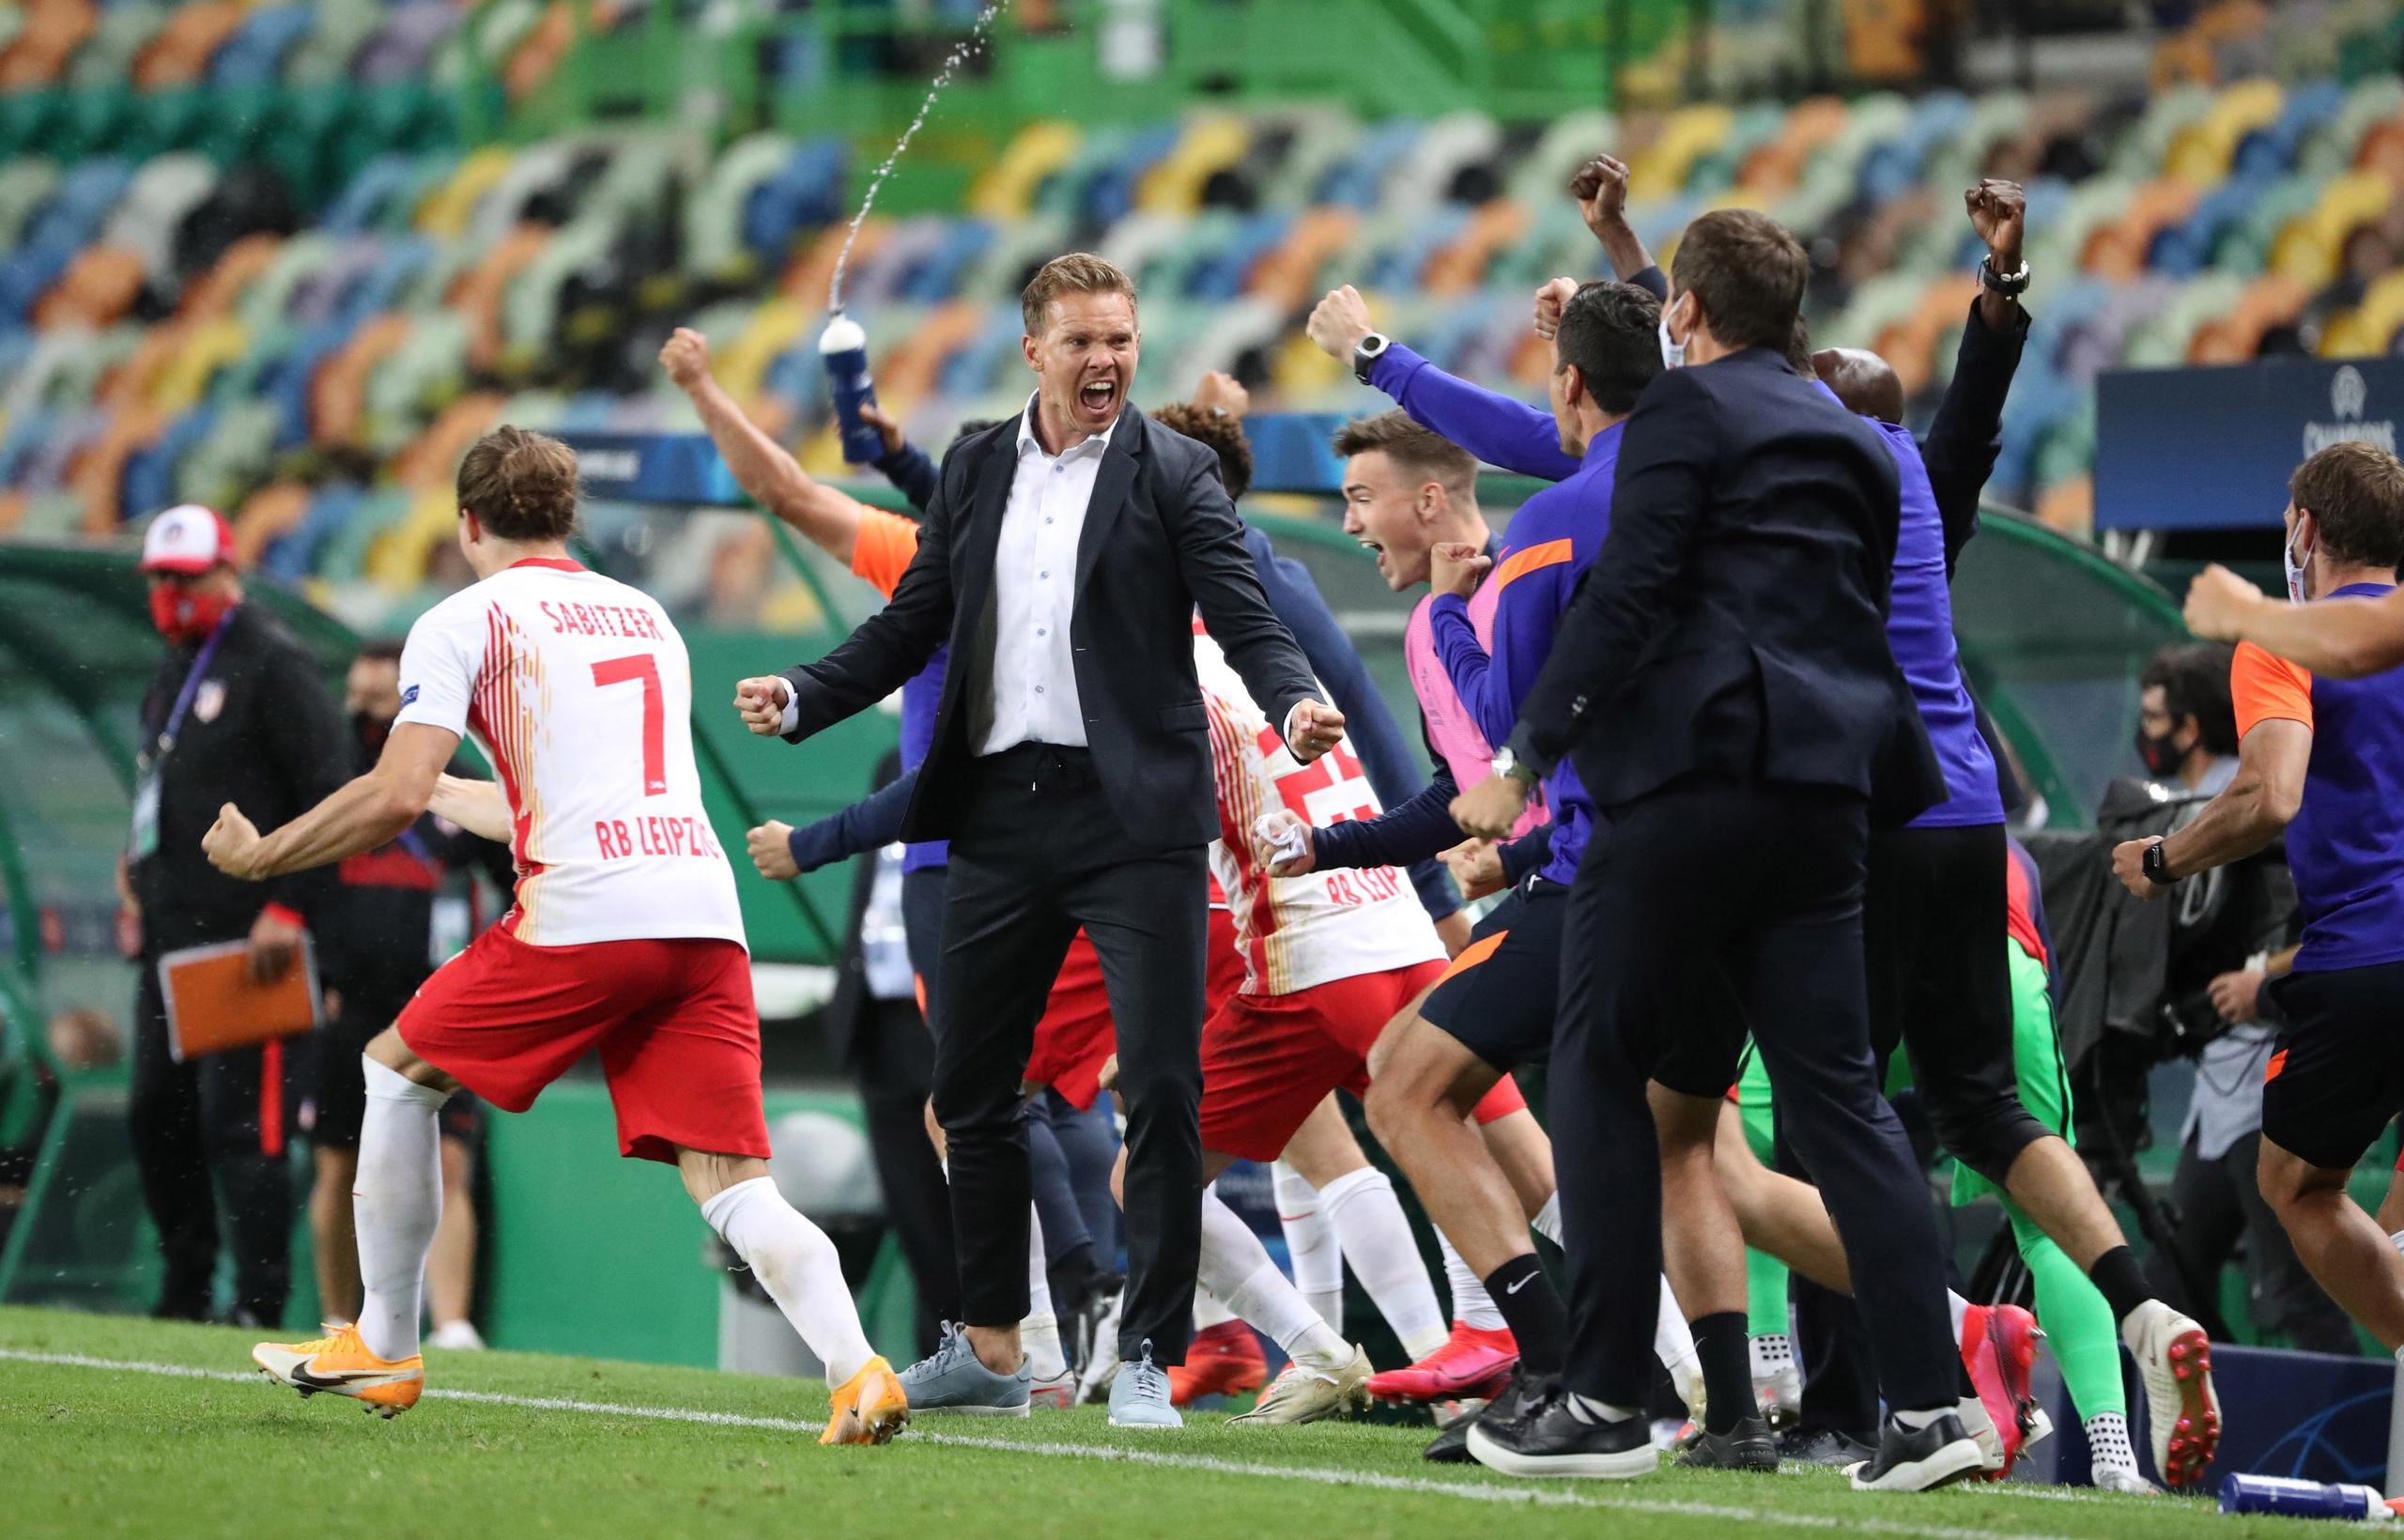 Триумф «Баварии», слезы Неймара, 2:8 «Барселоны». Вспоминаем лиссабонский плей-офф Лиги чемпионов-2019/20